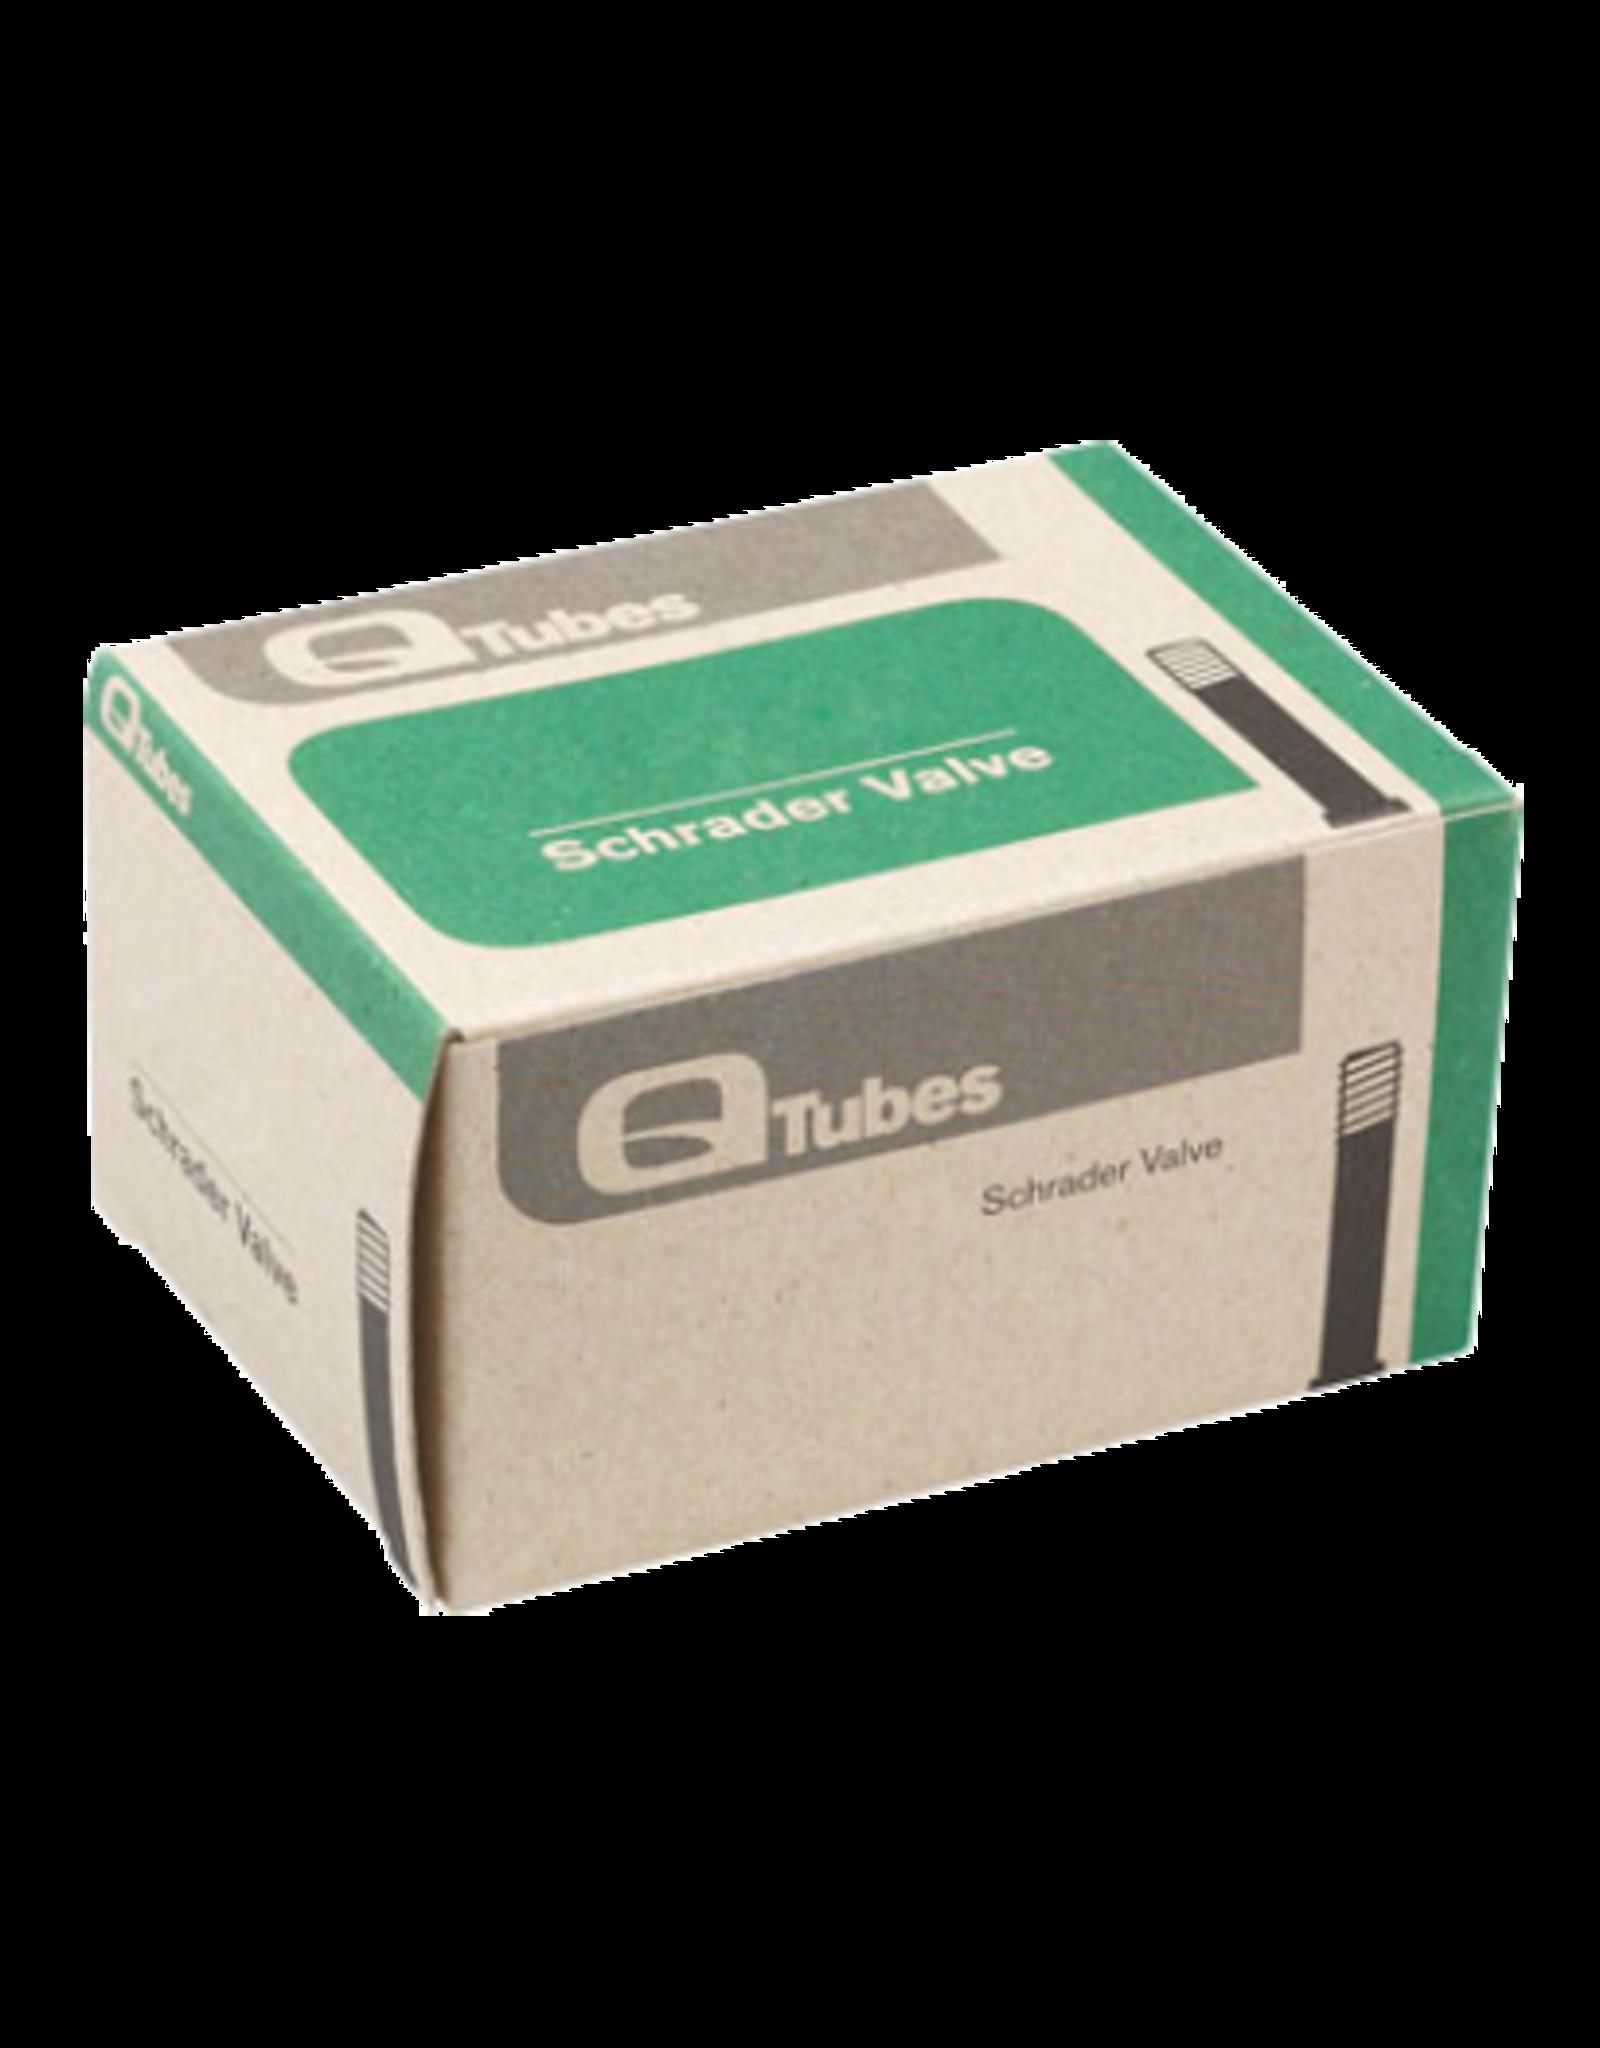 """Q-Tubes Q-Tubes 24""""x 1.9-2.125"""" Schrader Valve Tube"""